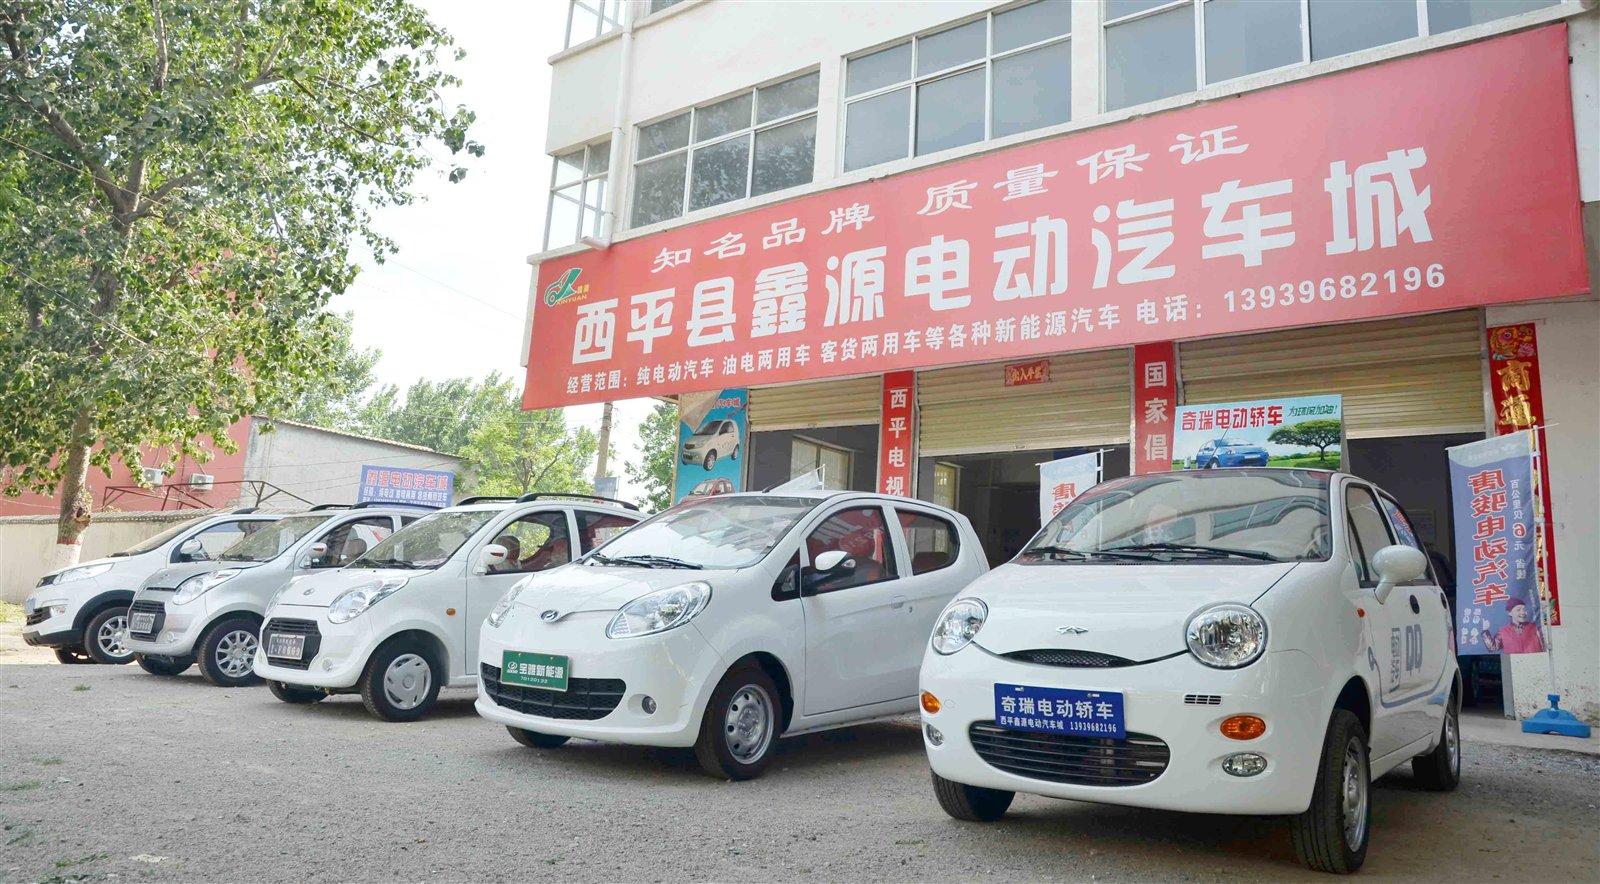 聊城昌隆汽贸有限公司怎么样,地址,电话,营业时间-城际分类网